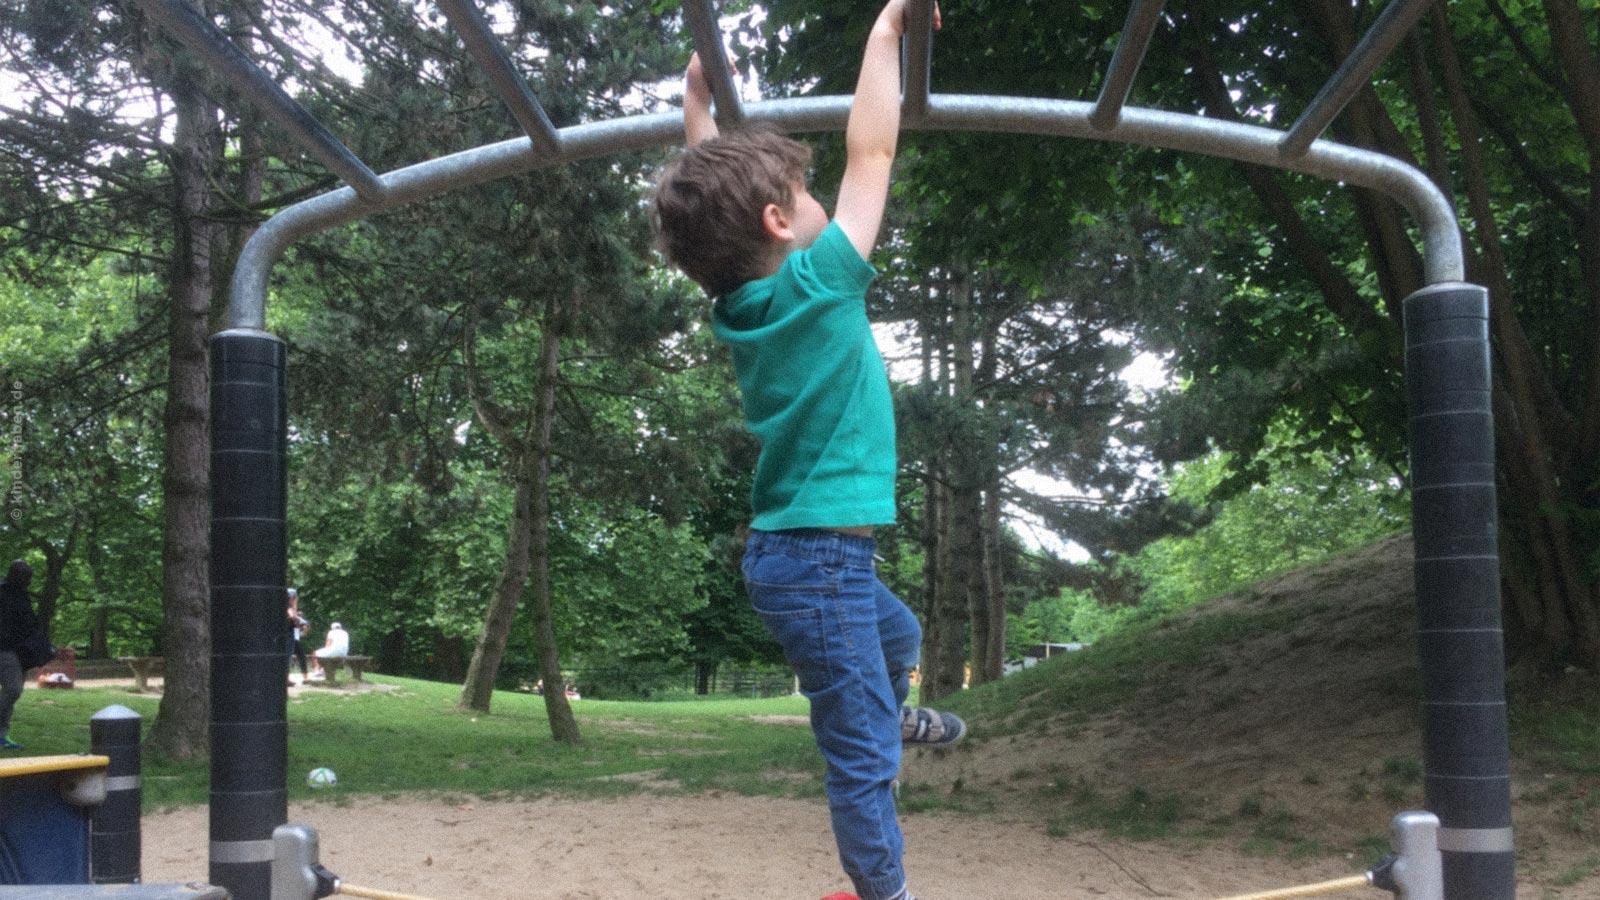 Kind Vom Klettergerüst Gefallen : Die erstaunliche beobachtungsgabe eines gefühlsstarken kindes